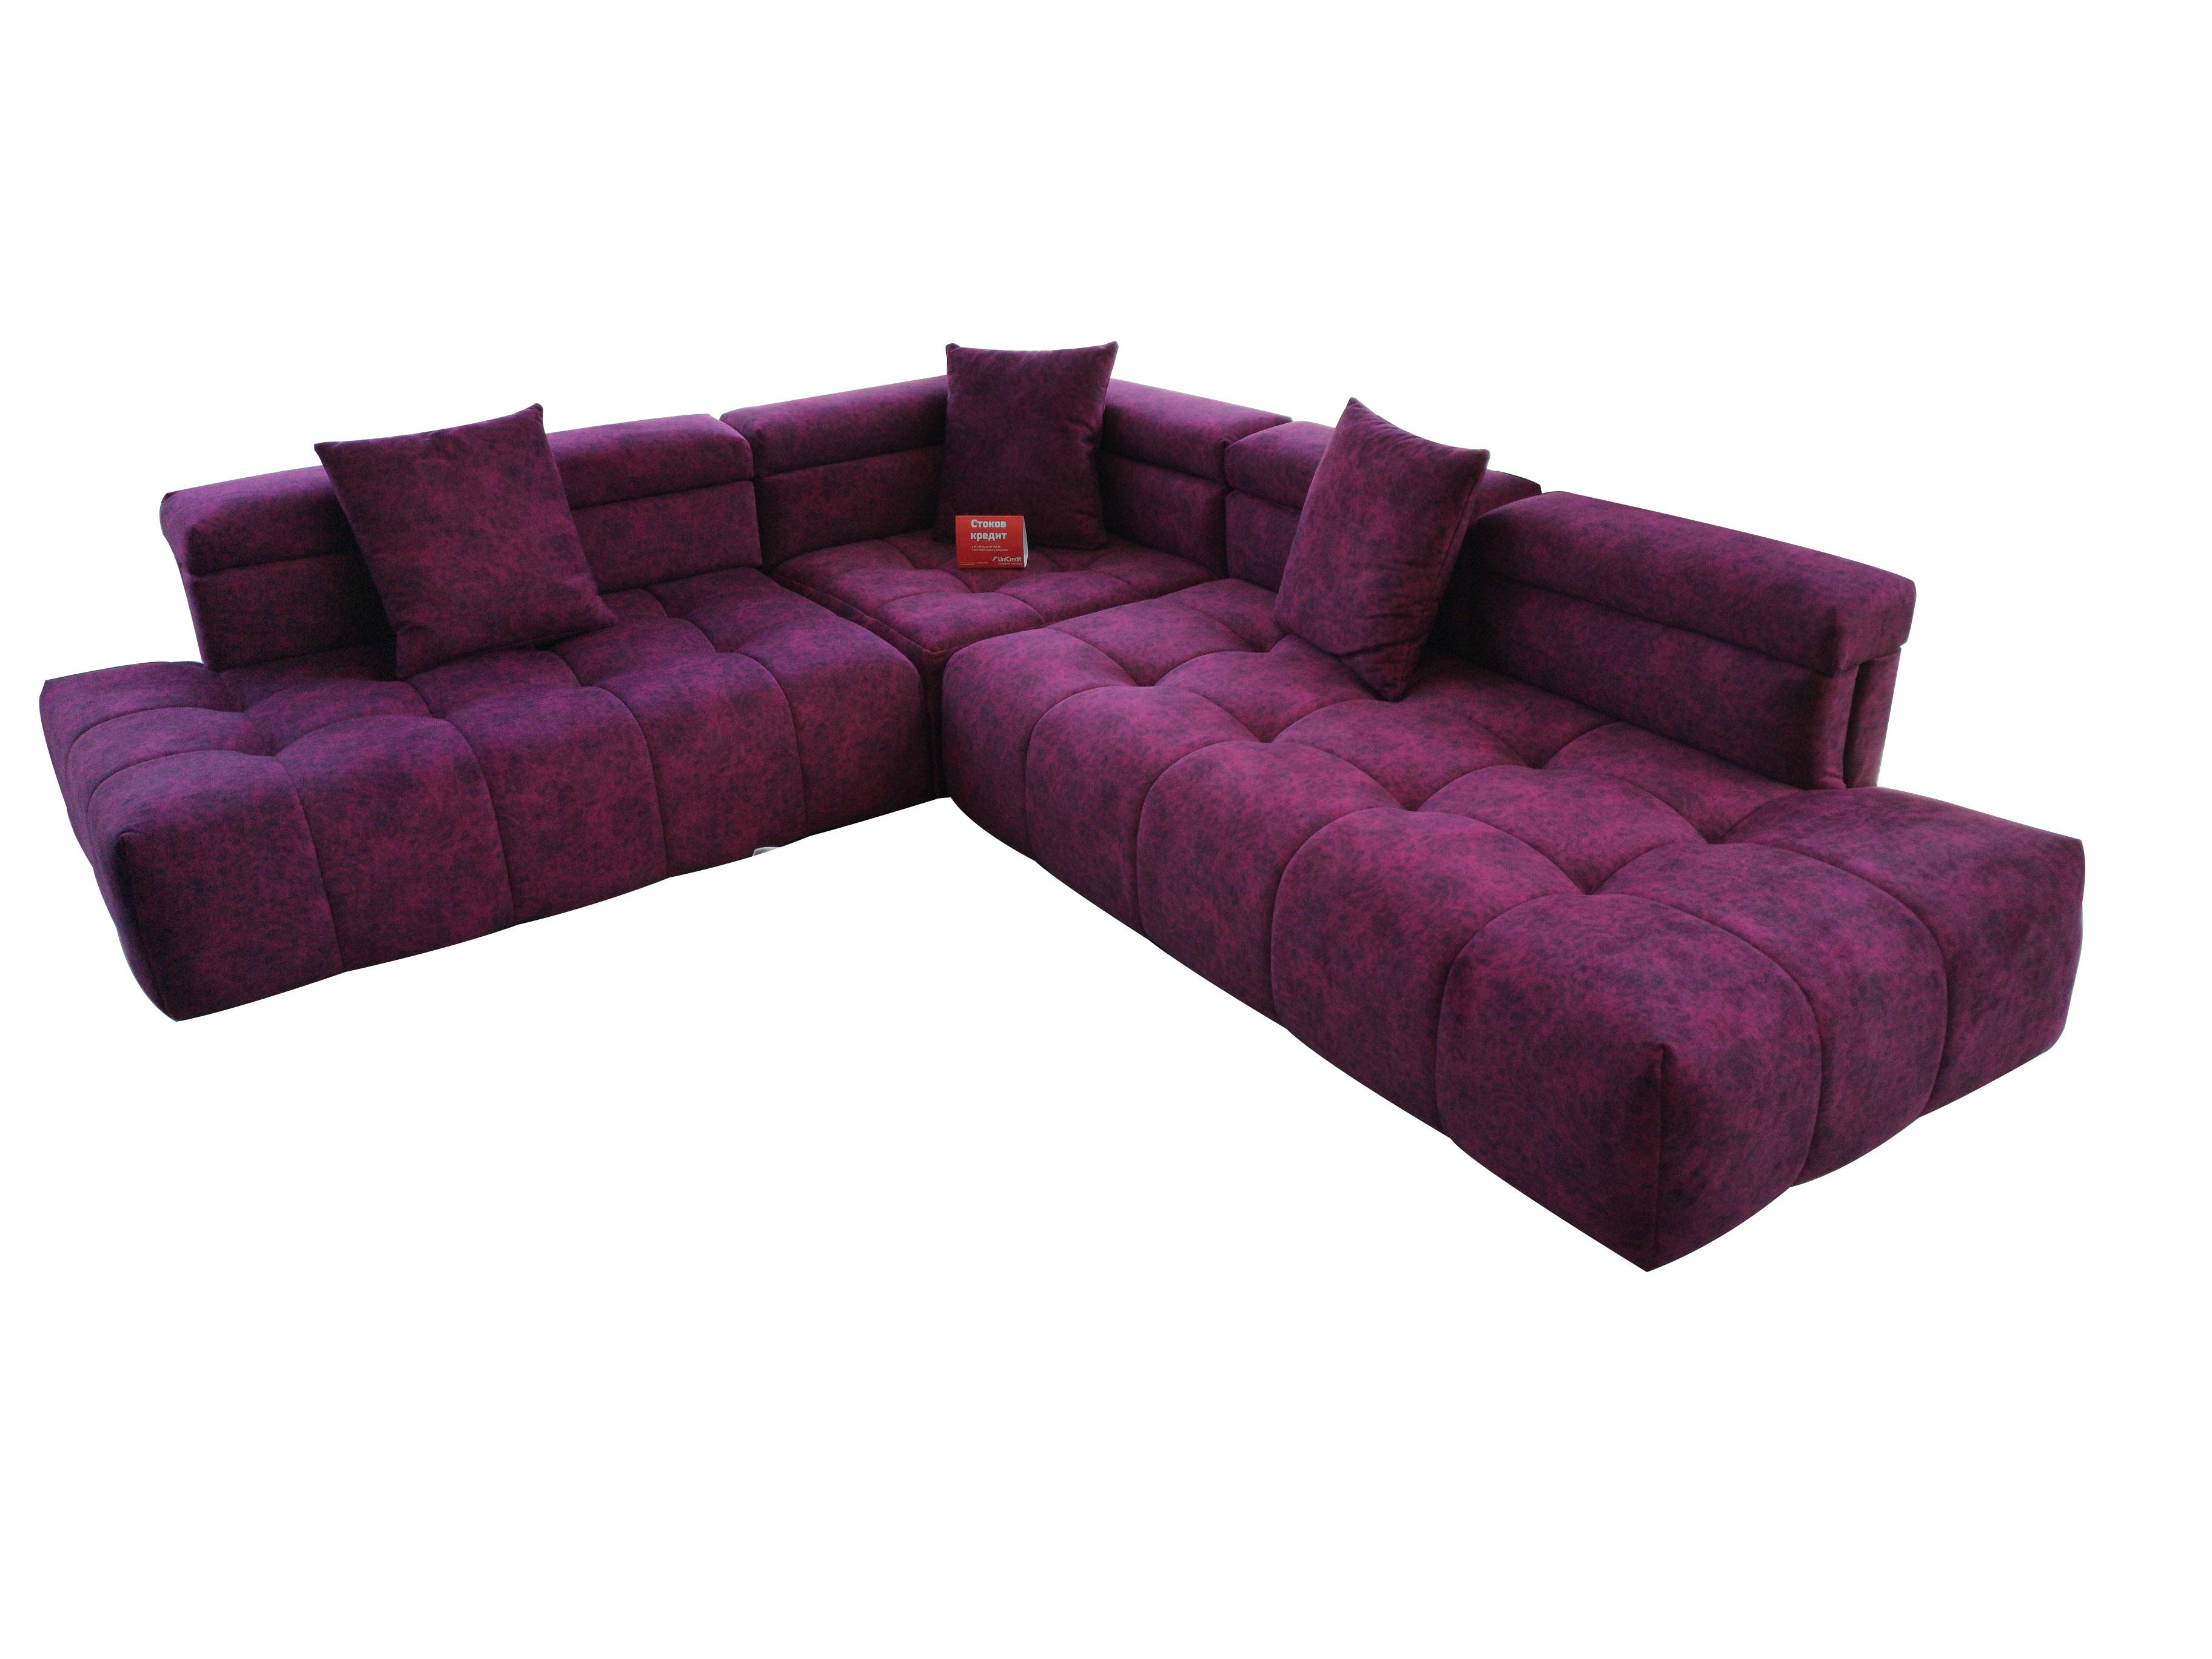 снимка на Ъглов диван в бордо с италиански дунапрен и дамаска Лукс